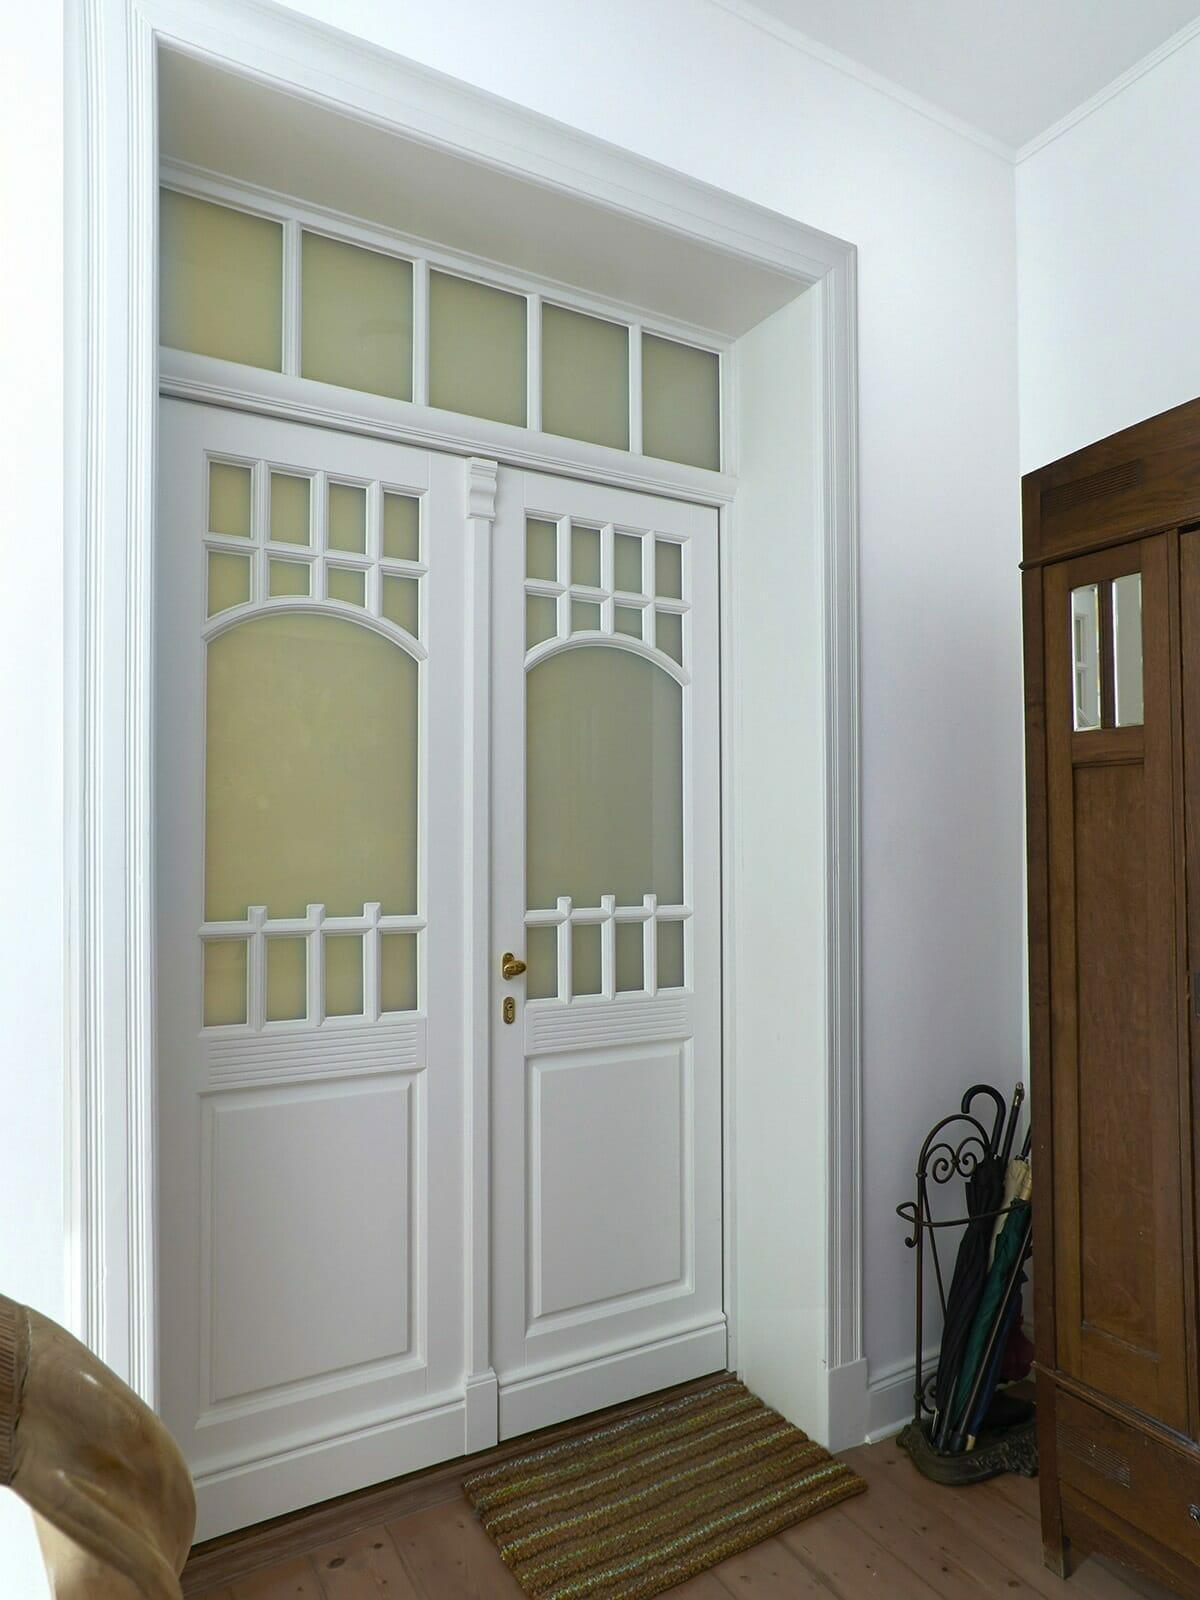 Holzeingangstür innen im Mehrfamilienhaus nach Denkmalschutzvorgaben